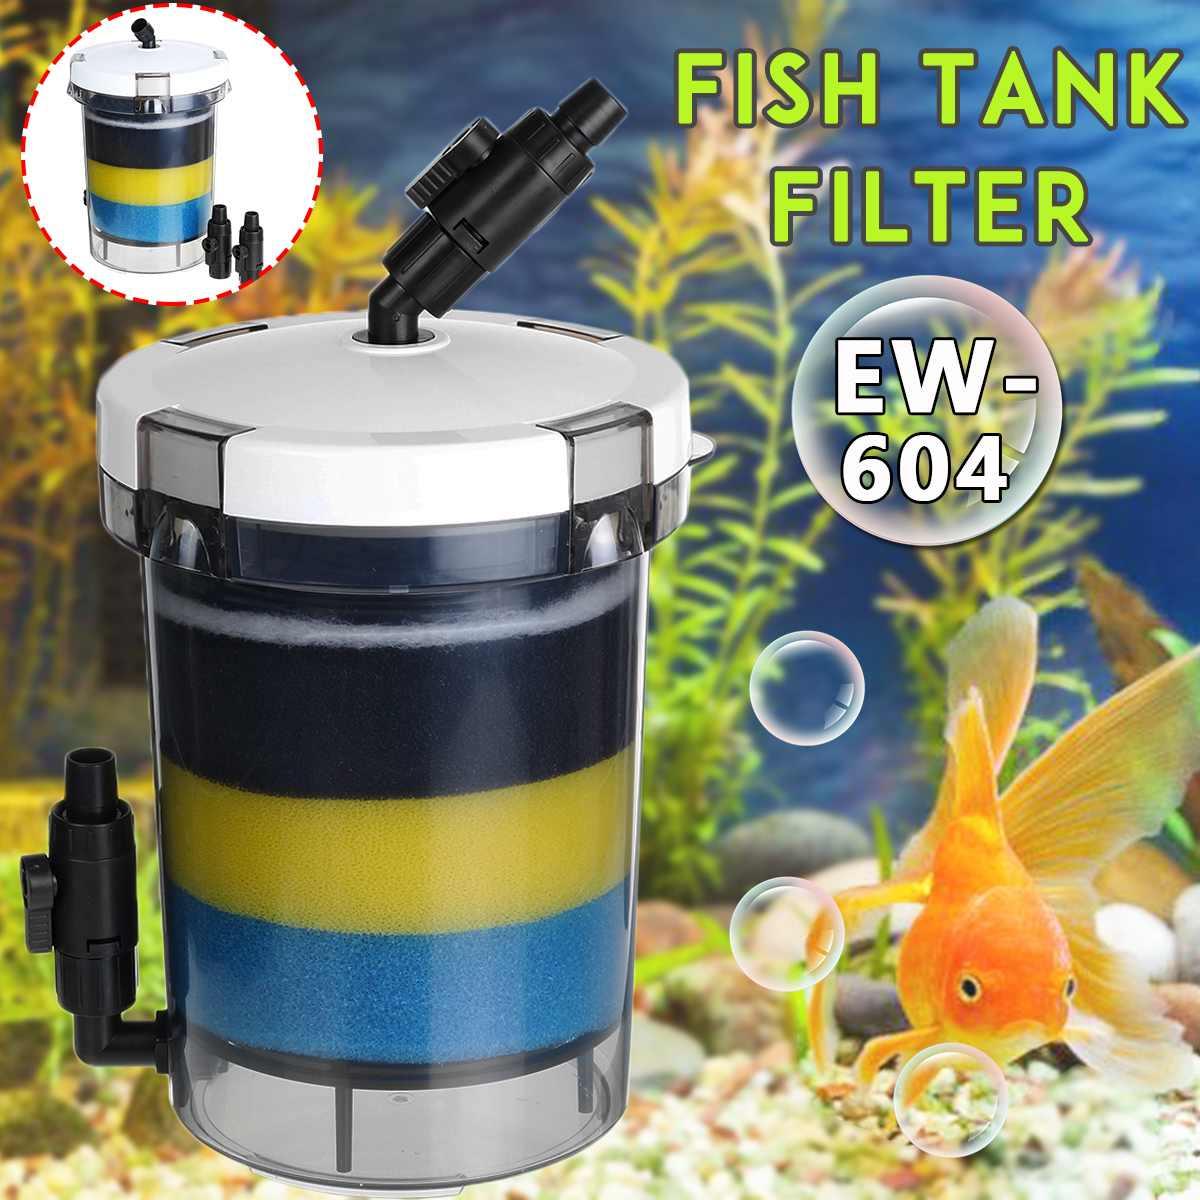 800L/h Aquarium Filter Fish Tank Filter For Aquarium Air Pump 220-240V EW-604 EW-604B External Aquarium Filter Bucket